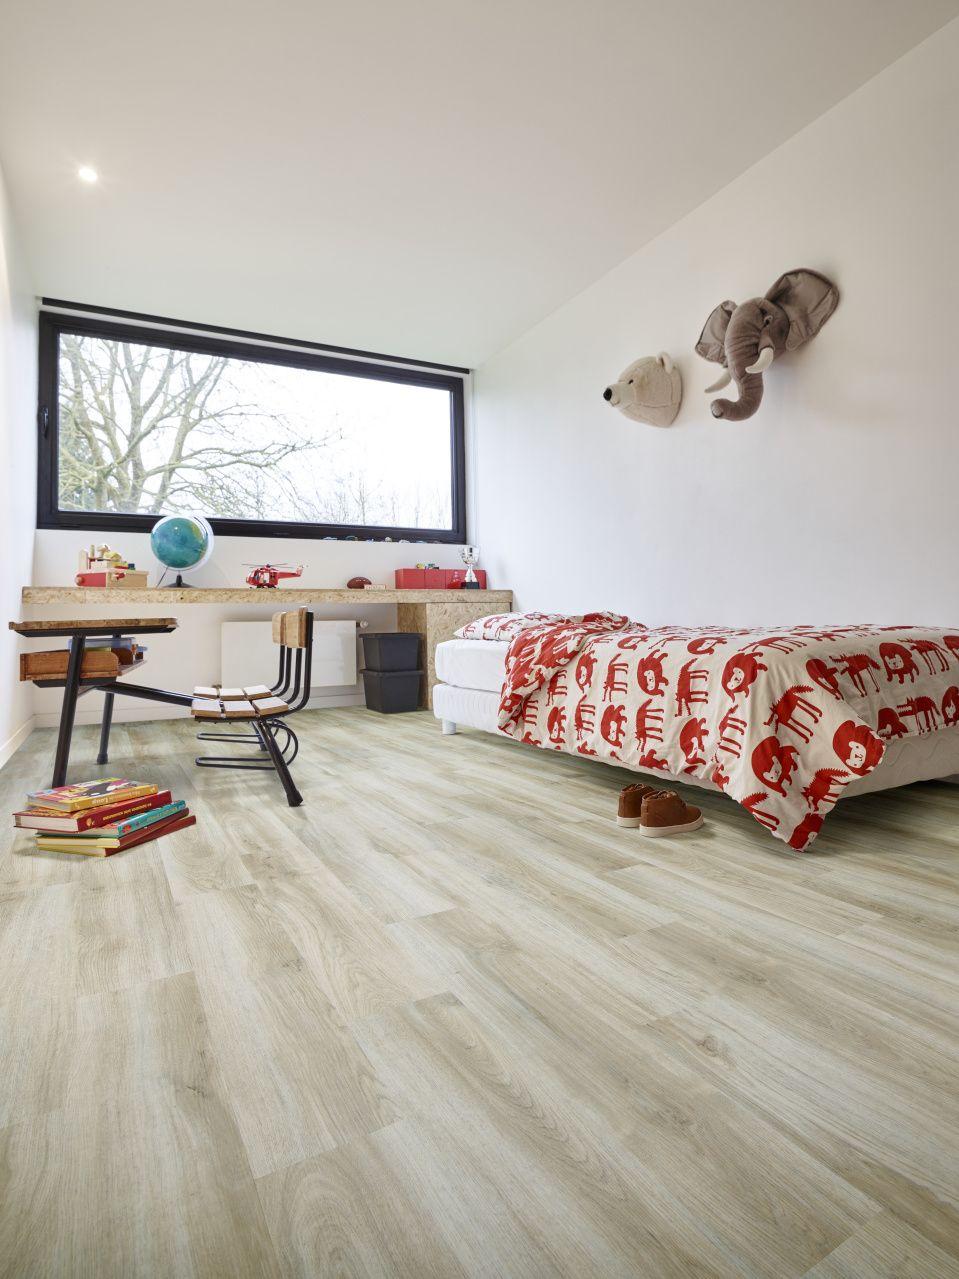 Pin Van Angeline Lim Op Spotlight Bedrooms Vloeren Slaapkamer Vloer Vinyl Vloerbedekking